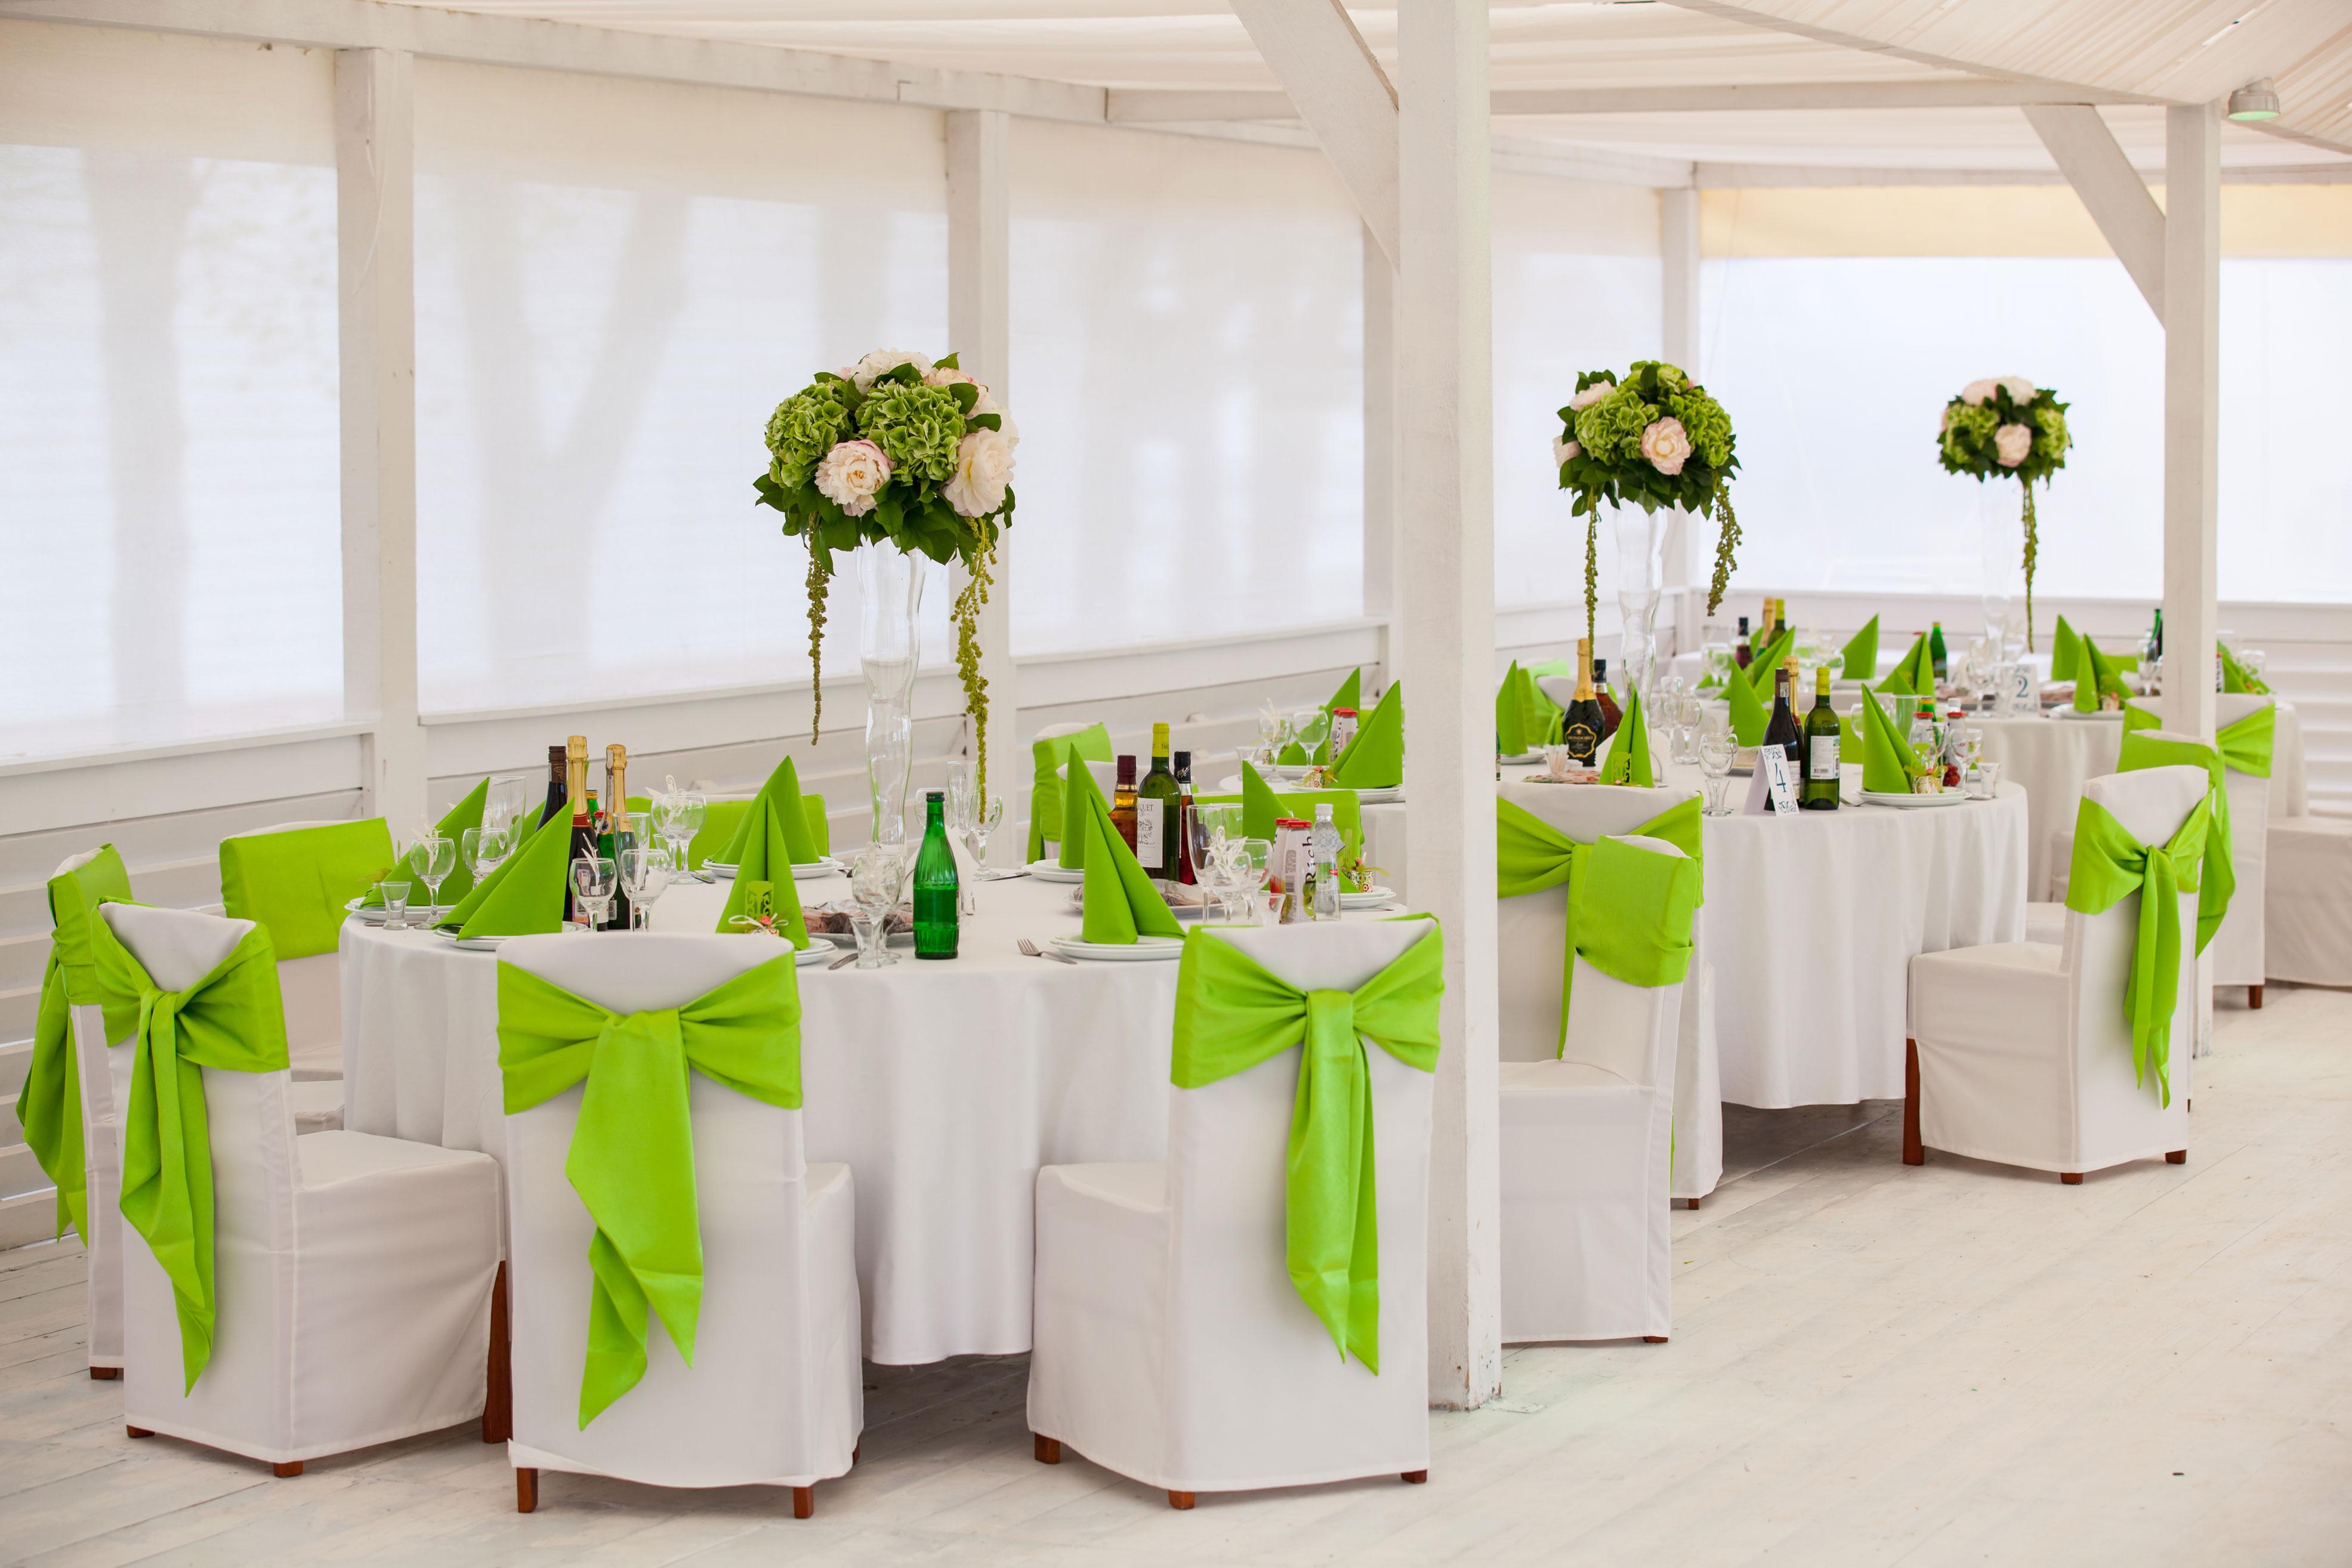 Декорирование стульев бантом зеленого цвета средней сложности создания.